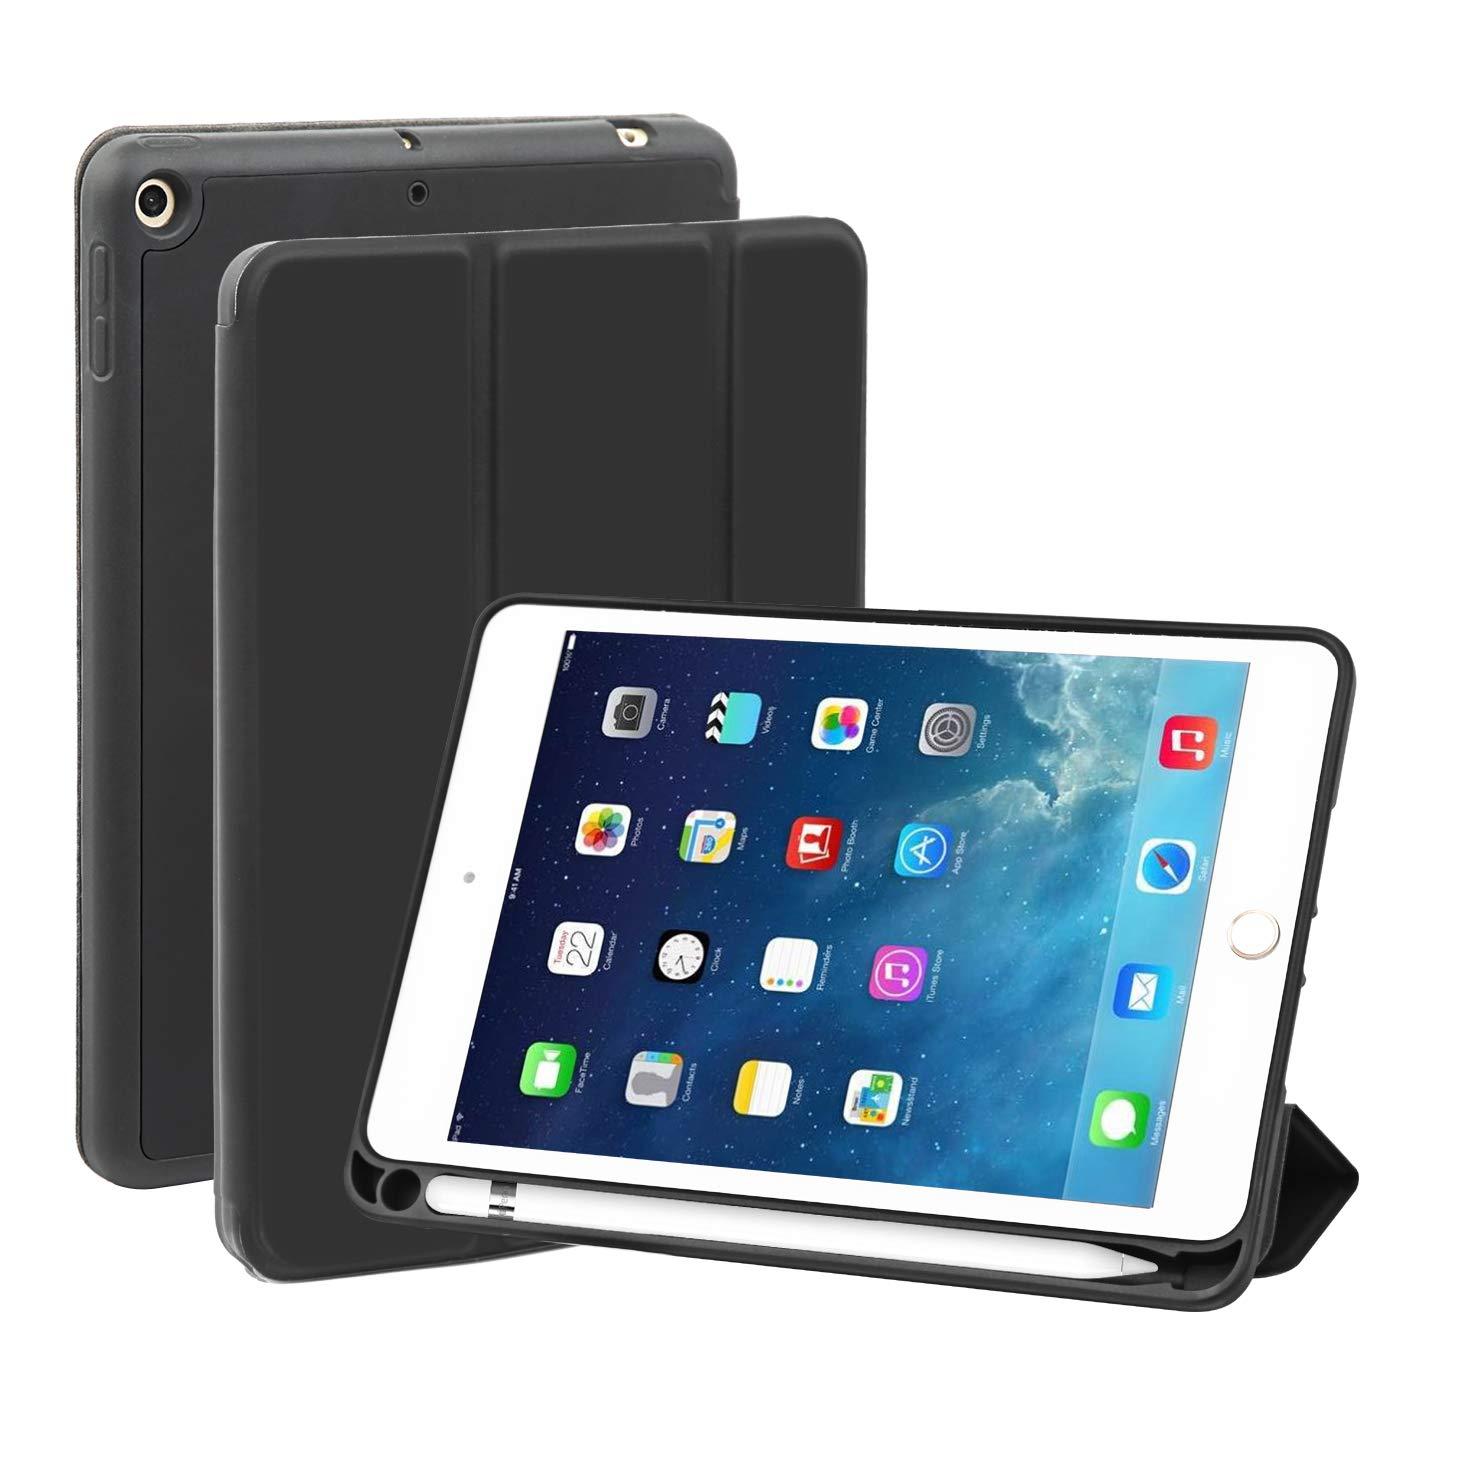 日本初の BUHORE スリムケース iPad iPad Mini 第5世代用 スリムケース (2019年発売) ソフトTPUバックカバー ペンシルホルダー付き (2019年発売) 三つ折り磁気スマートカバー/スタンド ブラック B07QF5RPPK, 暮らしの百貨店:2632fadb --- a0267596.xsph.ru